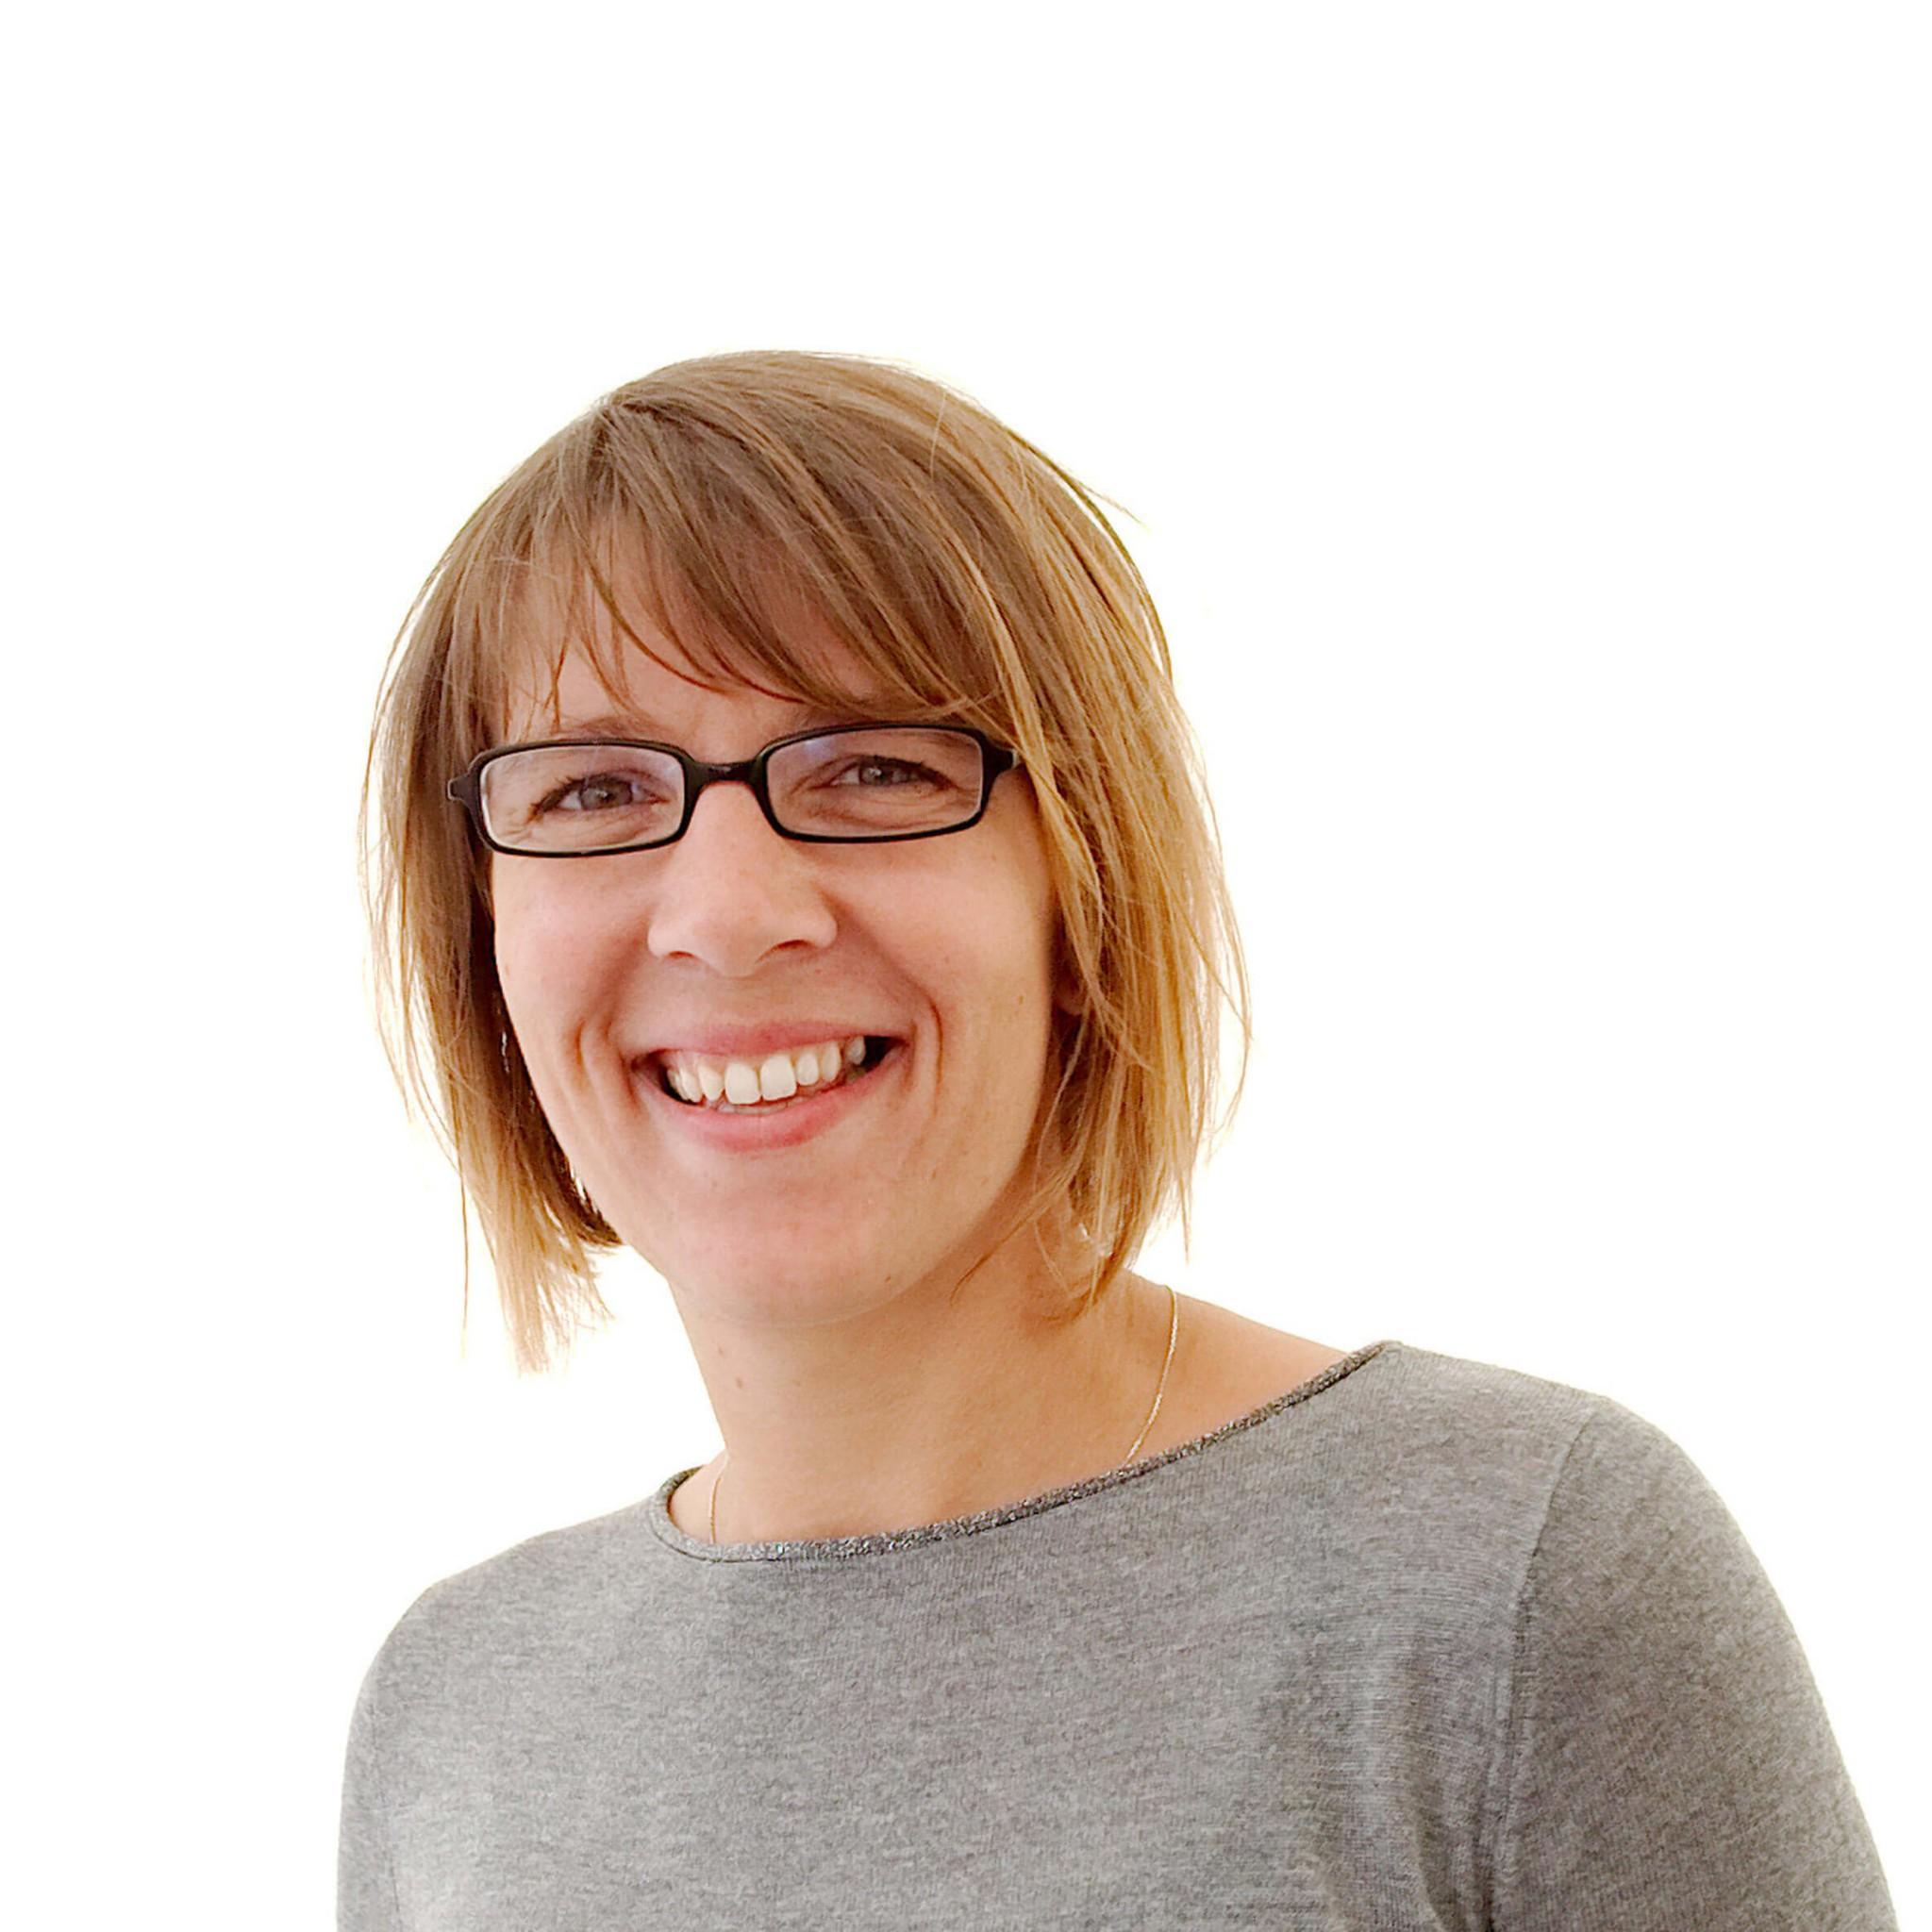 Aurélie - Gérante d'une agence événementielle